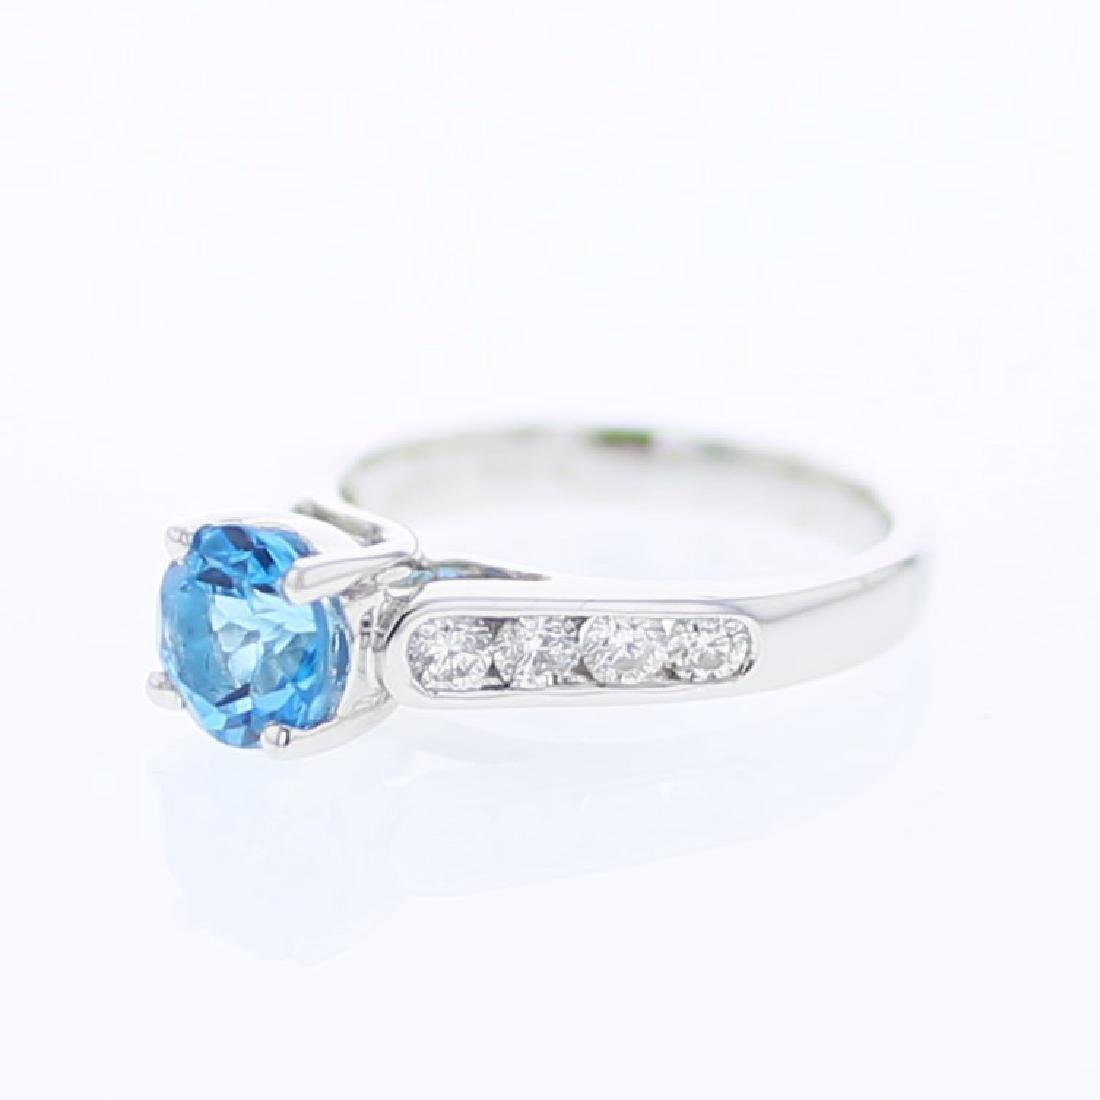 1.68 CTW 14K White Gold Ladies Ring